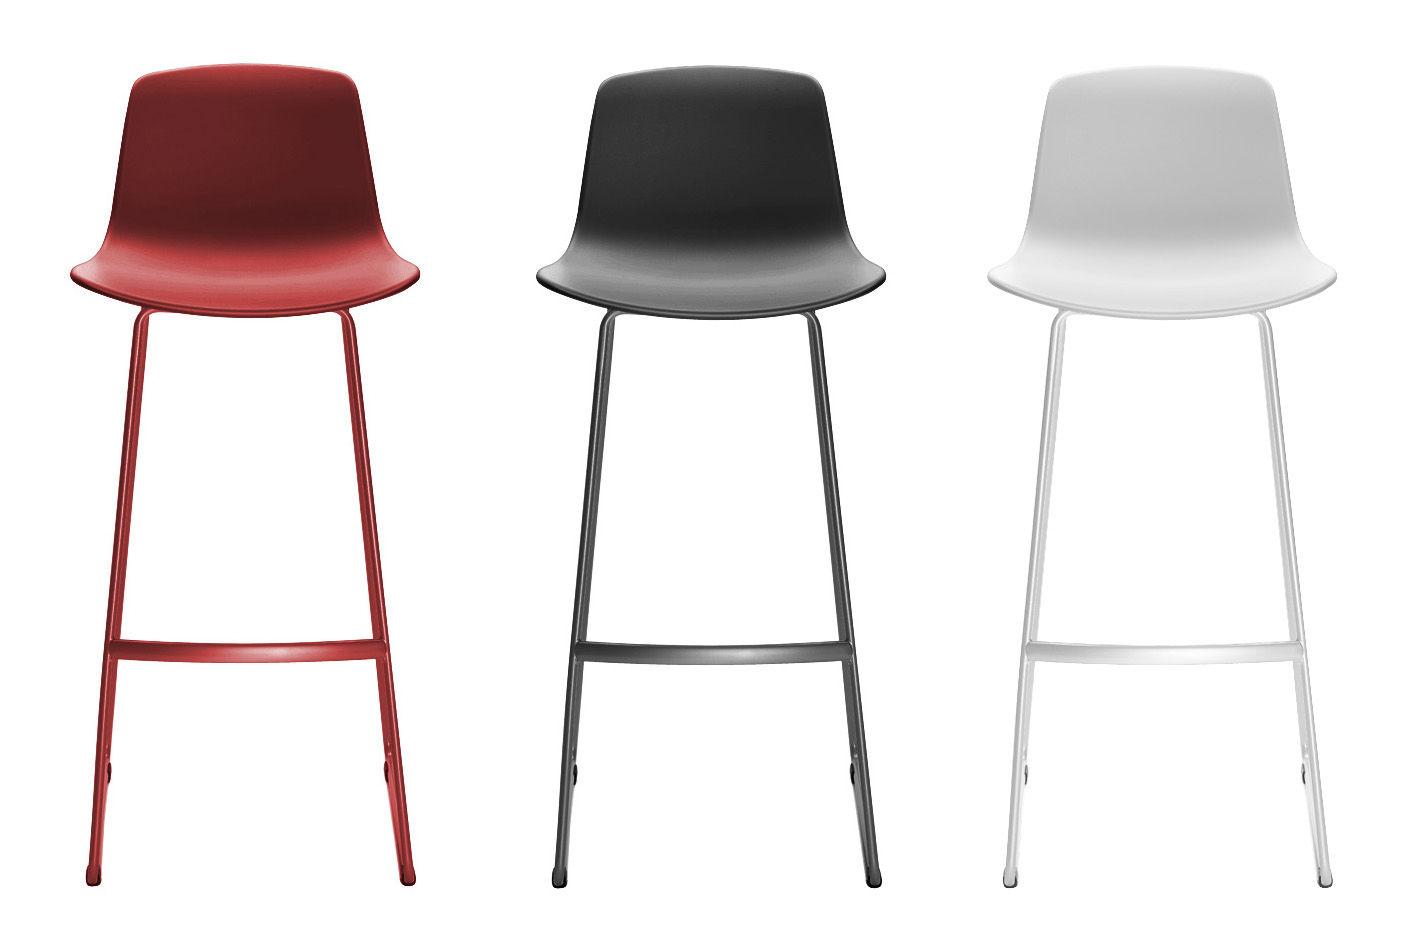 chaise de bar lottus pi tement luge h 76 cm blanc enea. Black Bedroom Furniture Sets. Home Design Ideas